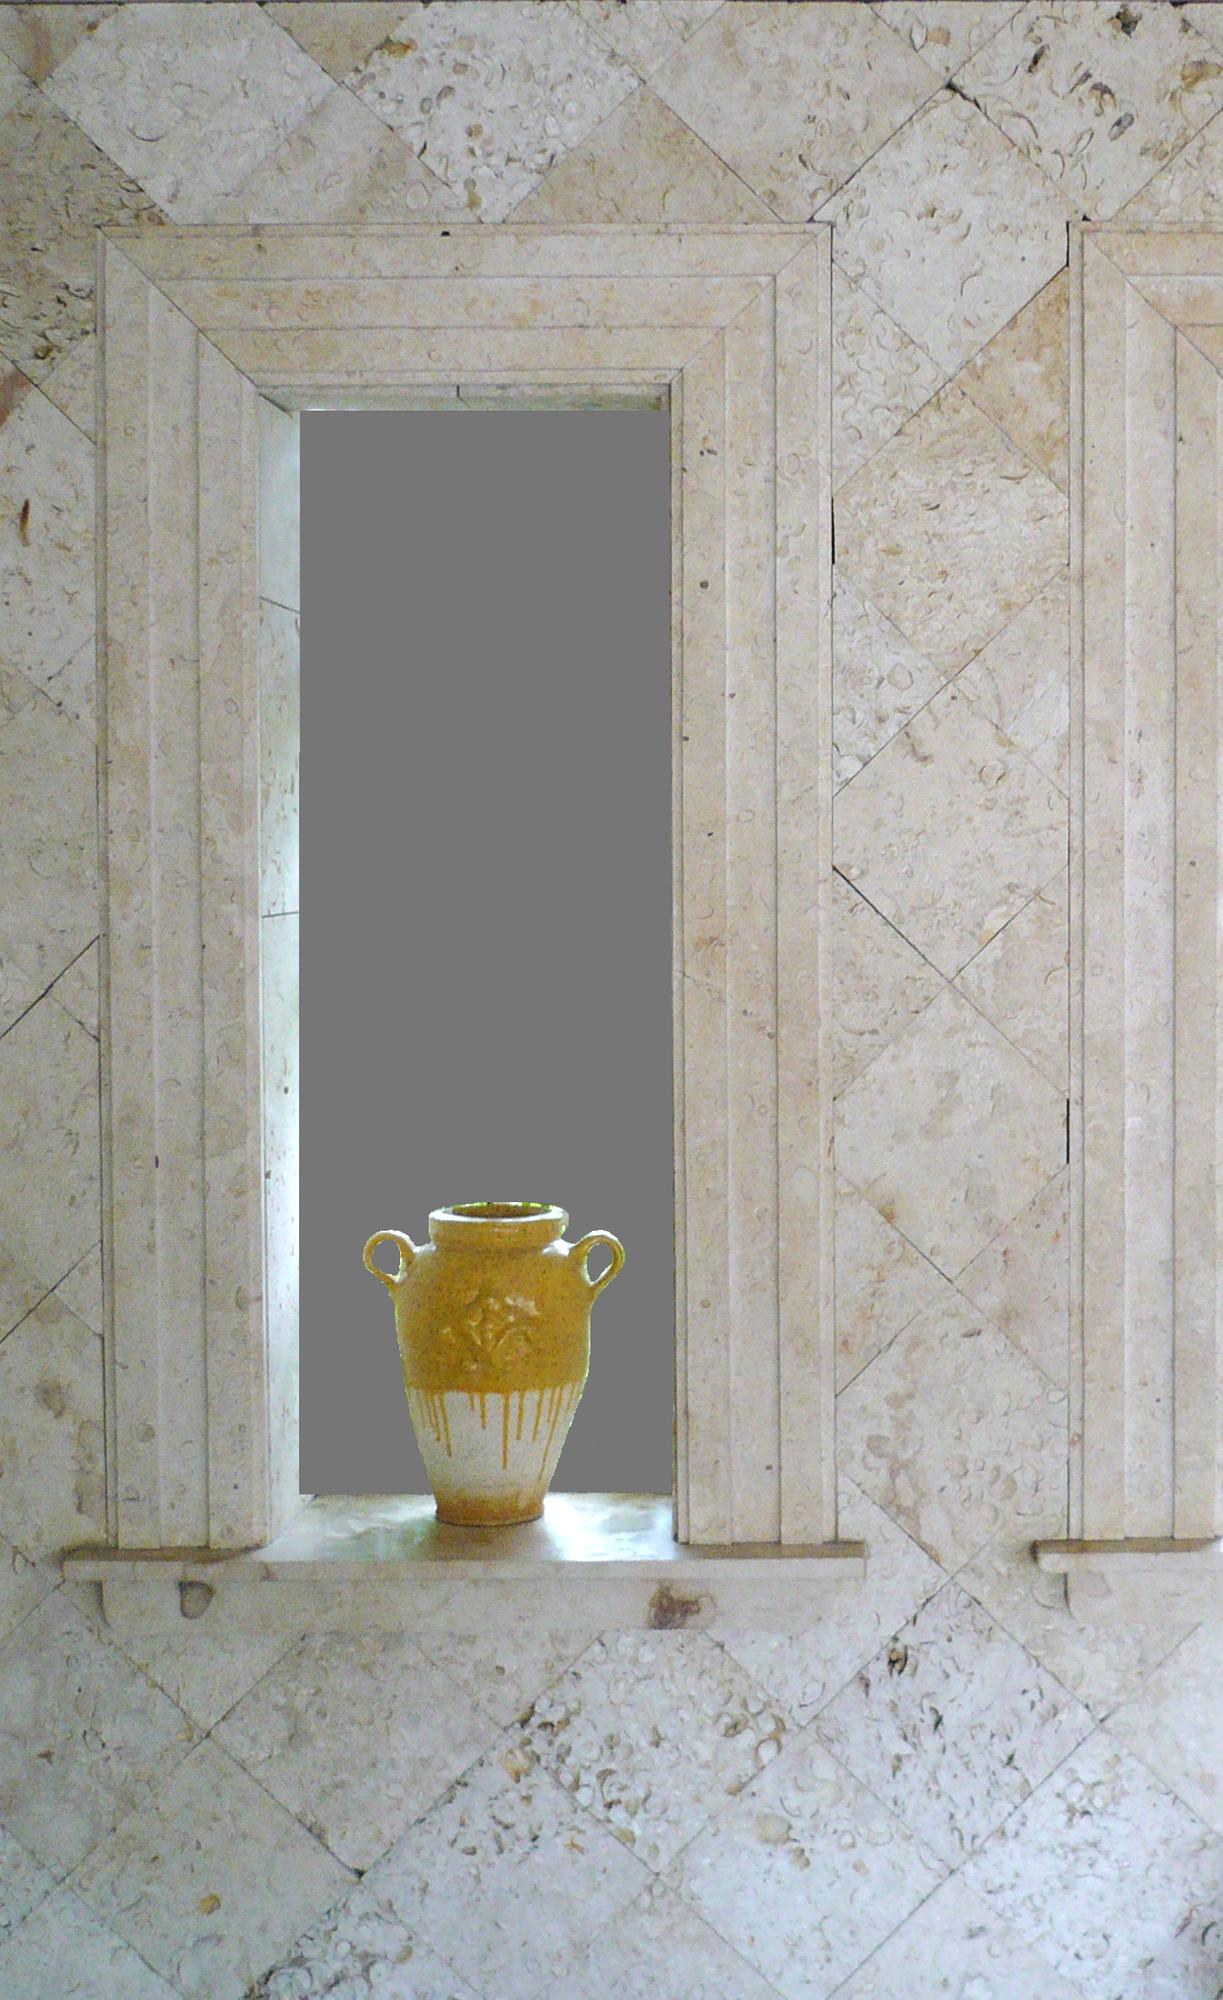 7_Ostra Wall_2000x1223_1119_P1030789.jpg